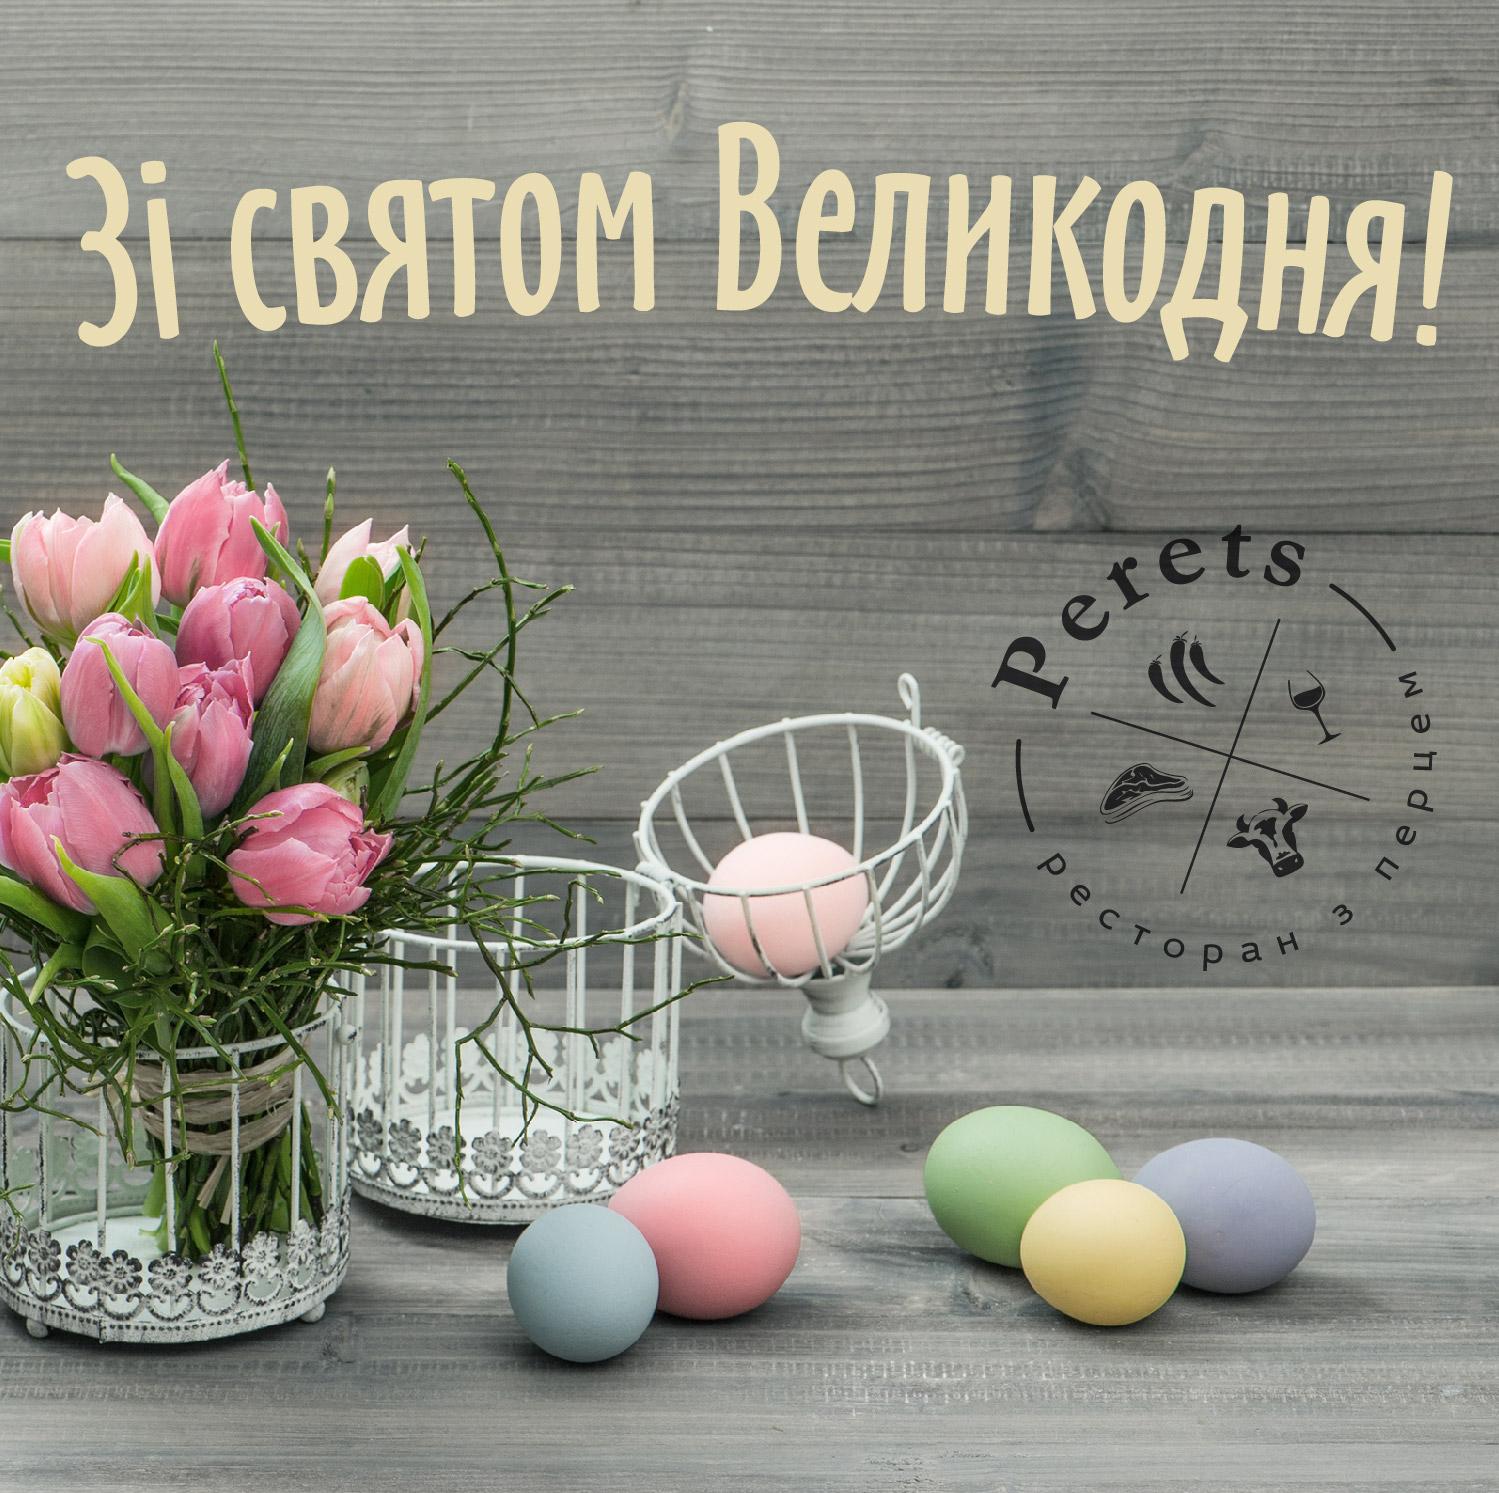 Друзі! Щиро вітаємо вас з Великоднем!